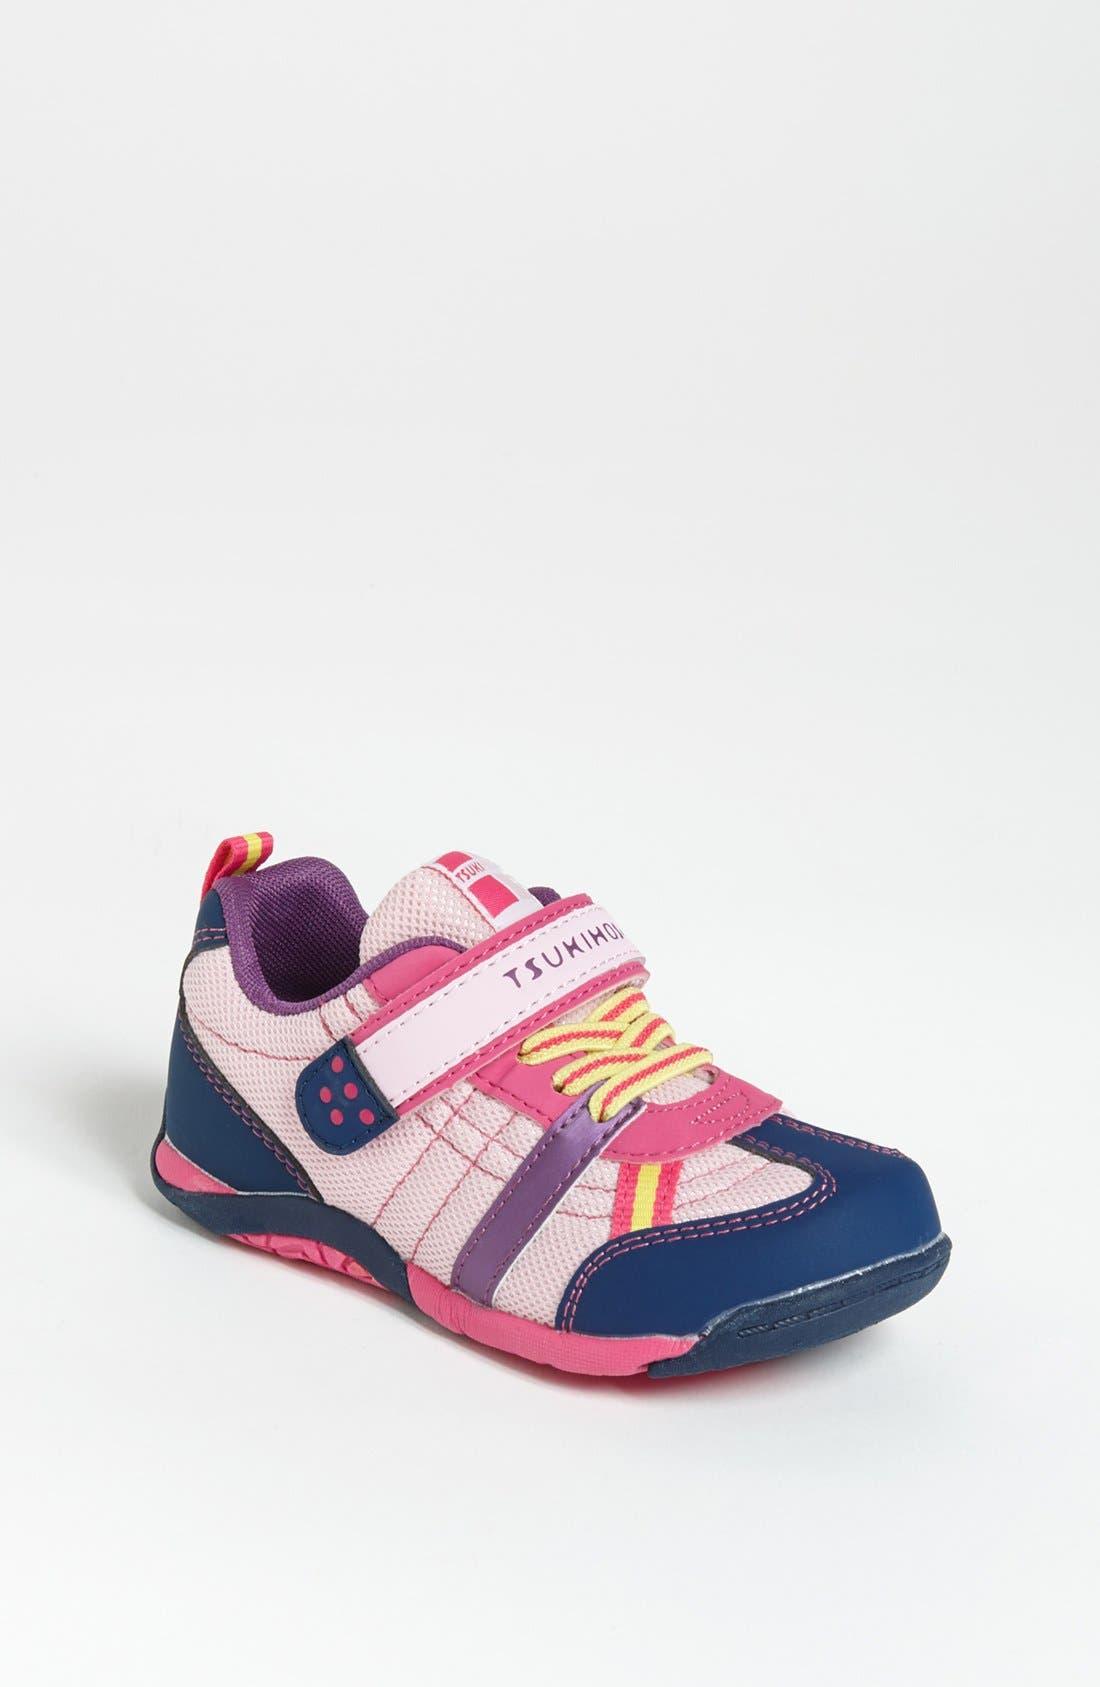 Alternate Image 1 Selected - Tsukihoshi 'Child 21' Sneaker (Toddler)